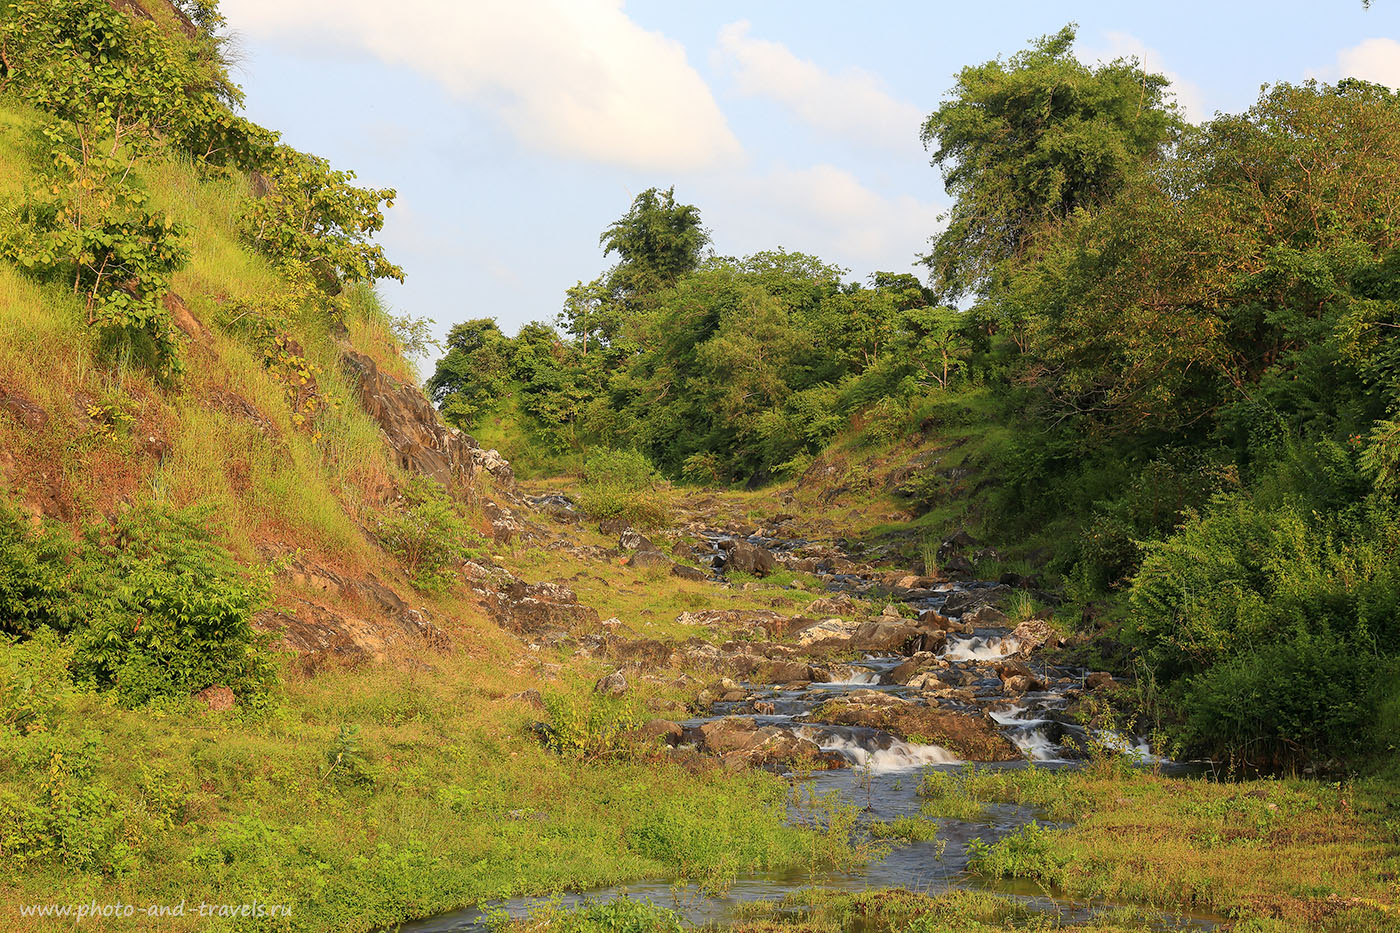 Снимок 24. Ручей-водопад. Отчет о поездке на дамбу Чаполи. Отзывы туристов об экскурсиях на Южном Гоа (24-70, 1/6, -1eV, f22, 70mm, ISO 100, фильтр – ND-4)